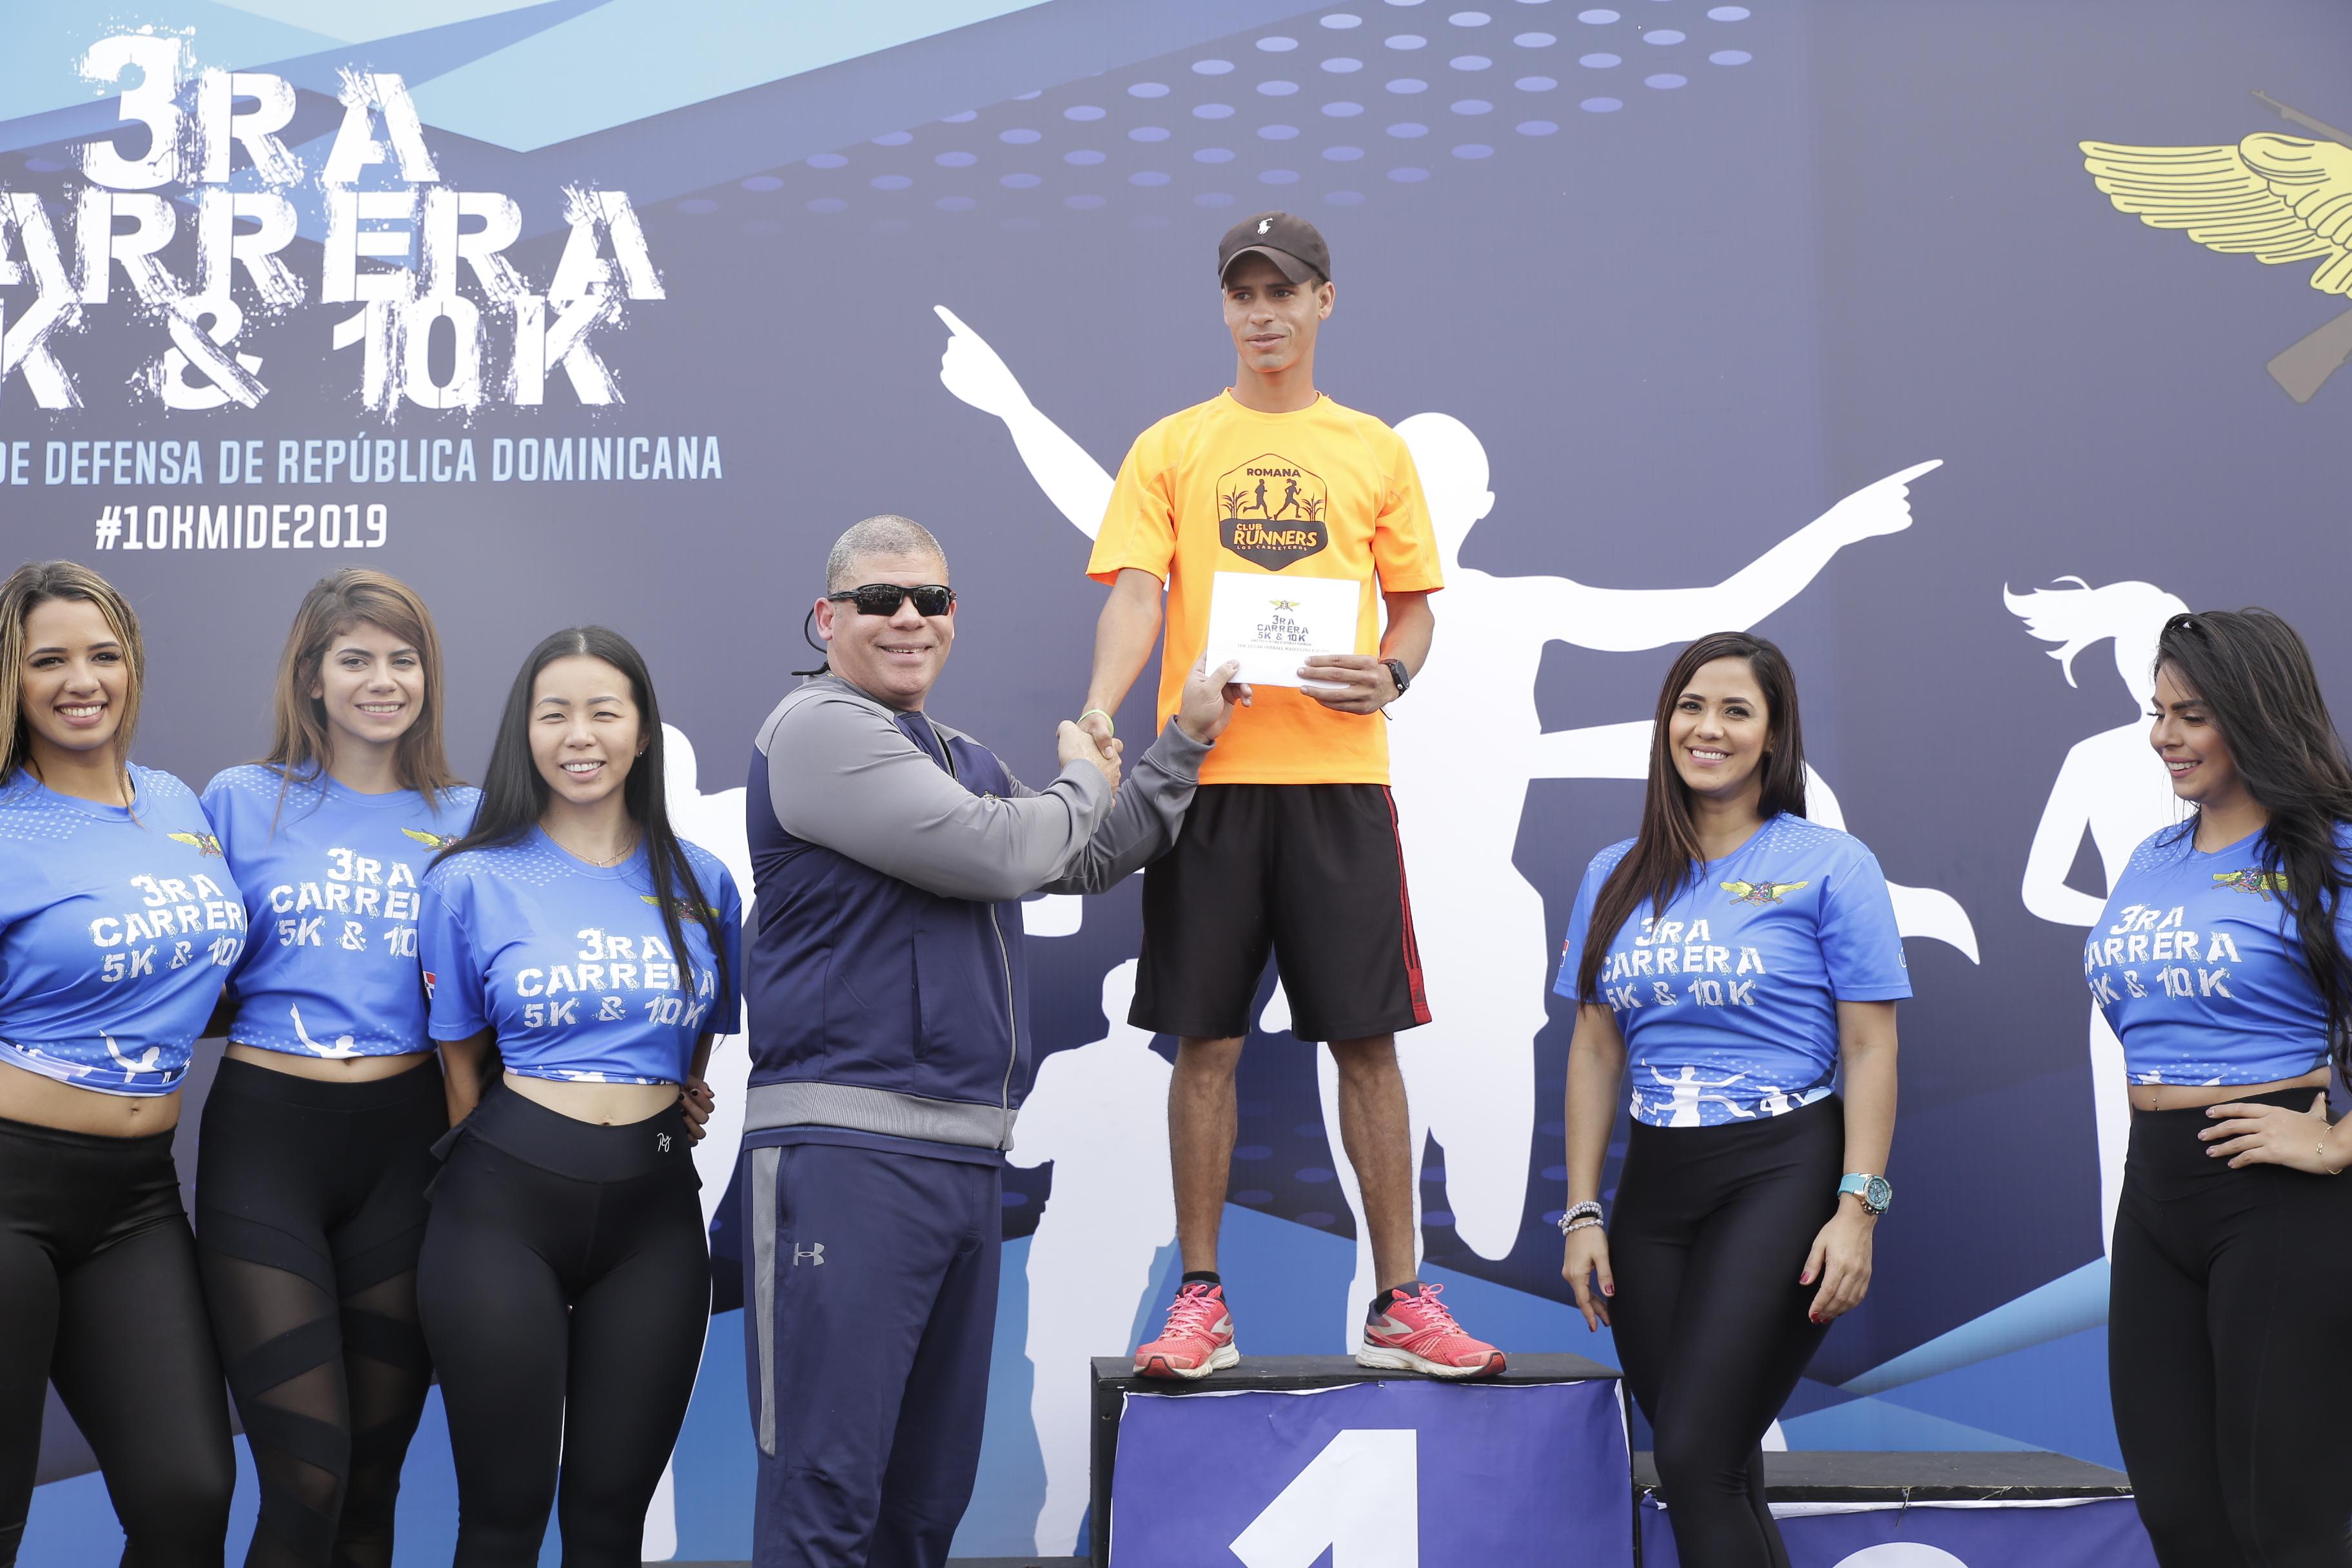 MIDE celebra carrera para fomentar el deporte como práctica de salud